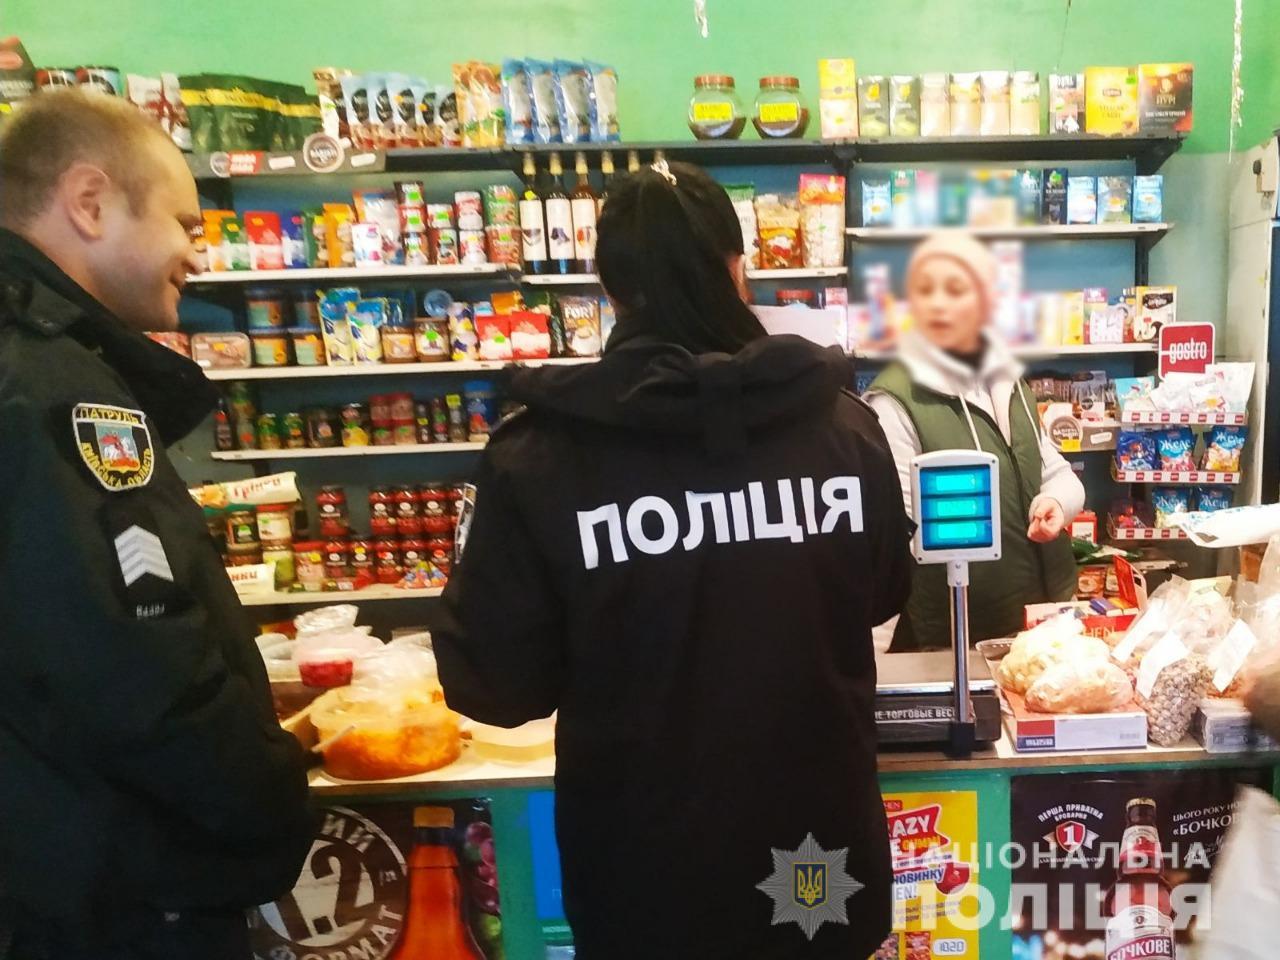 Штрафы на продажу табачных изделий несовершеннолетним купить сигареты немецкие в интернет магазине с доставкой